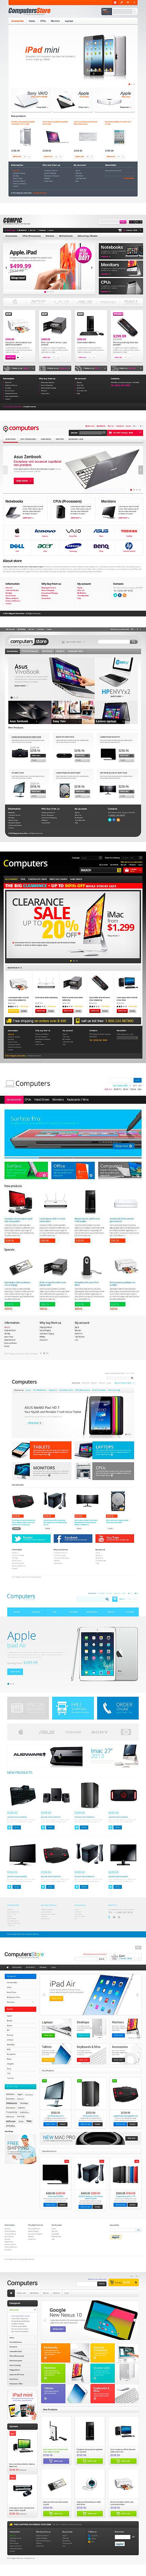 Быстрая установка готовых шаблонных решений для интернет-магазинов по продаже компьютеров - студия 24v7 - Литва, Клайпеда